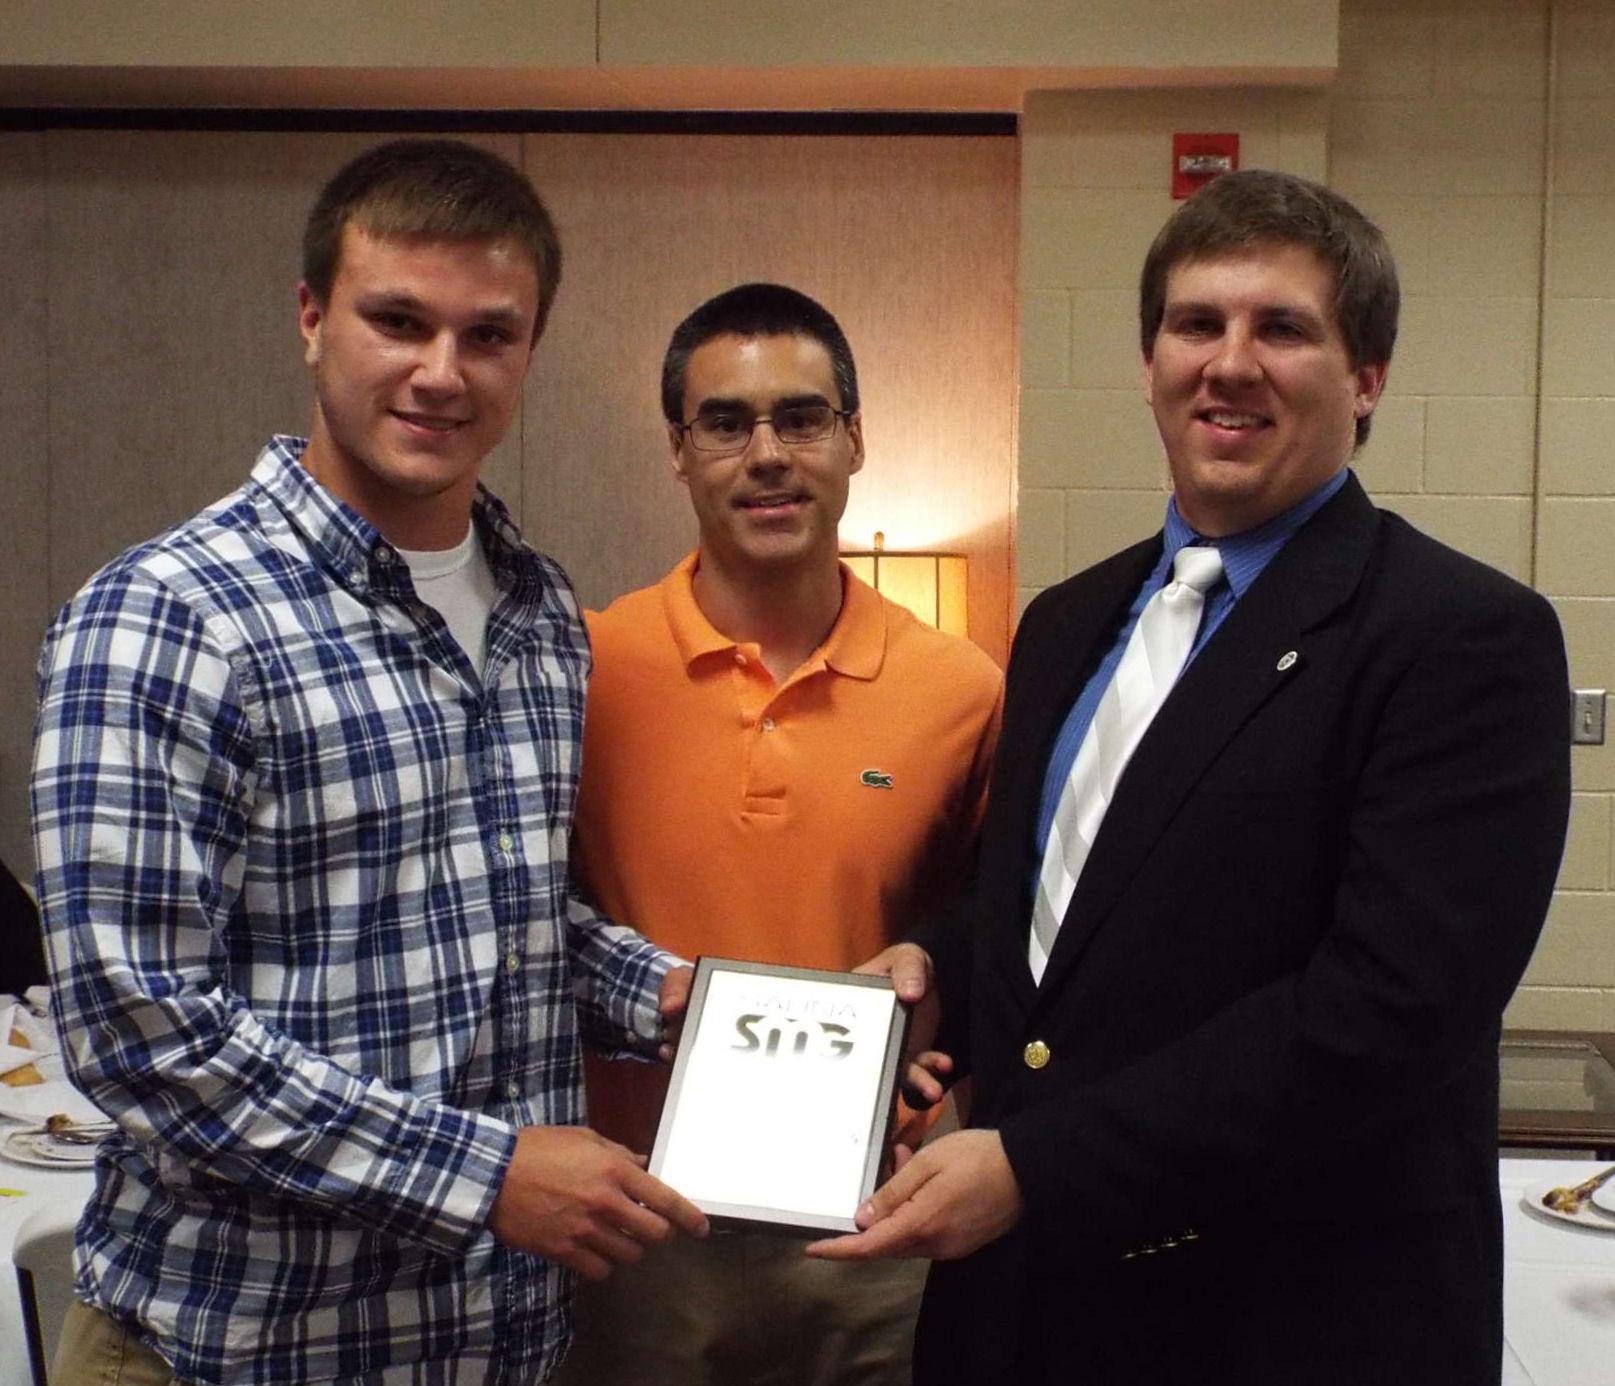 Abilene scholarship winner Tanner Hoekman, KABI's Trent Sanchez, and KSAL's Mike Hammett.